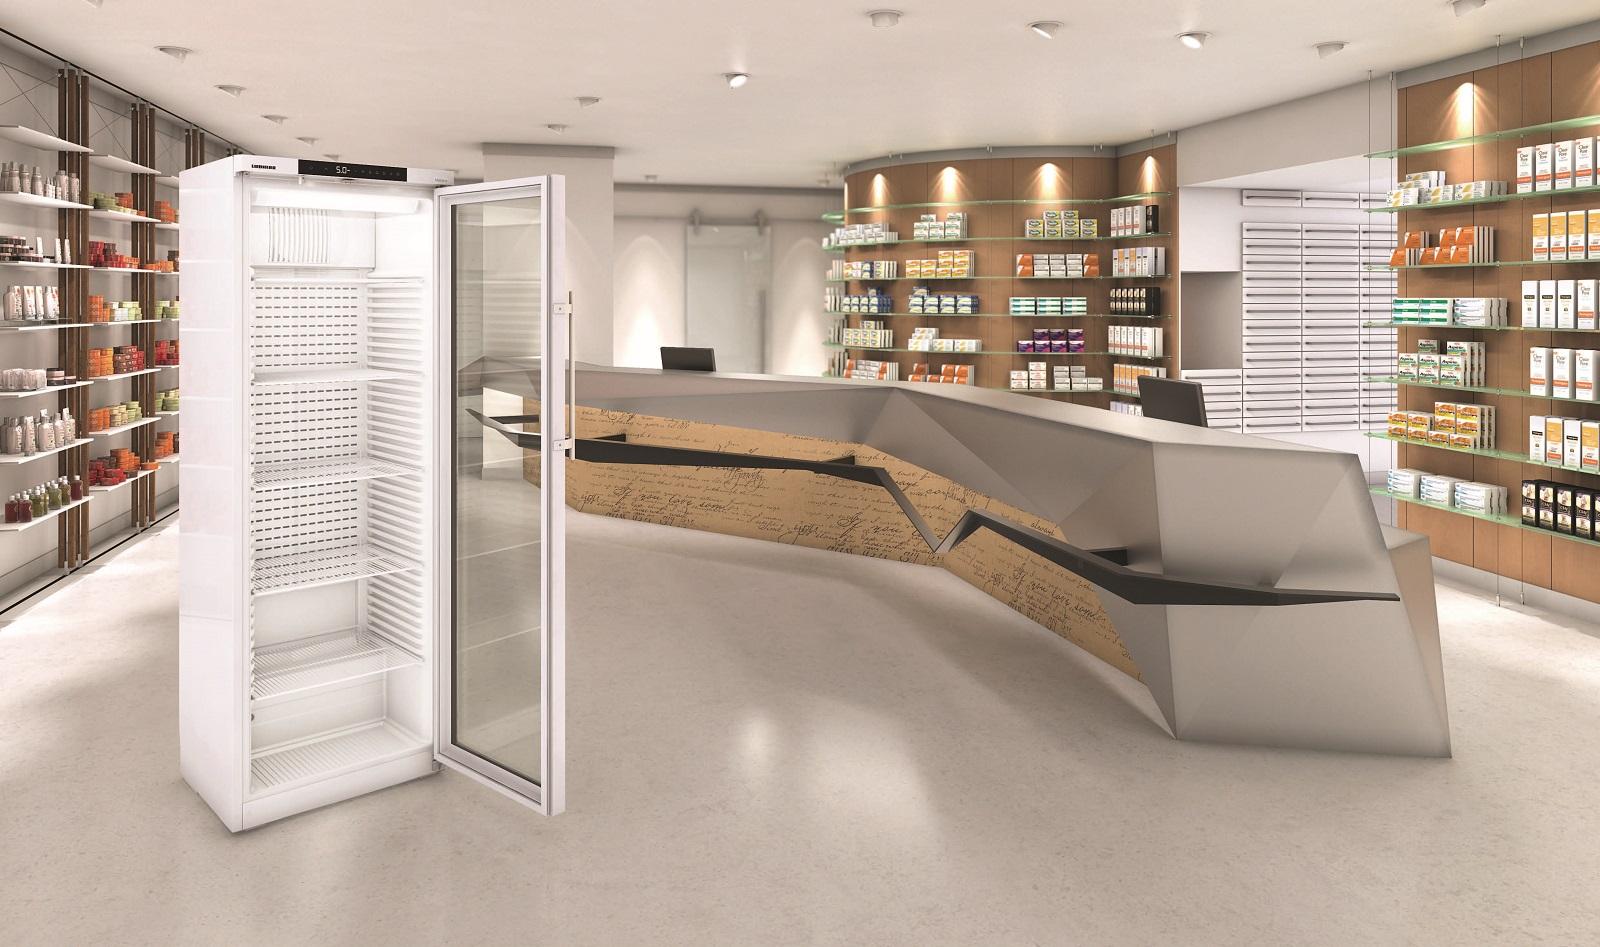 купить Лабораторный холодильный шкаф Liebherr MKv 3913 Украина фото 3